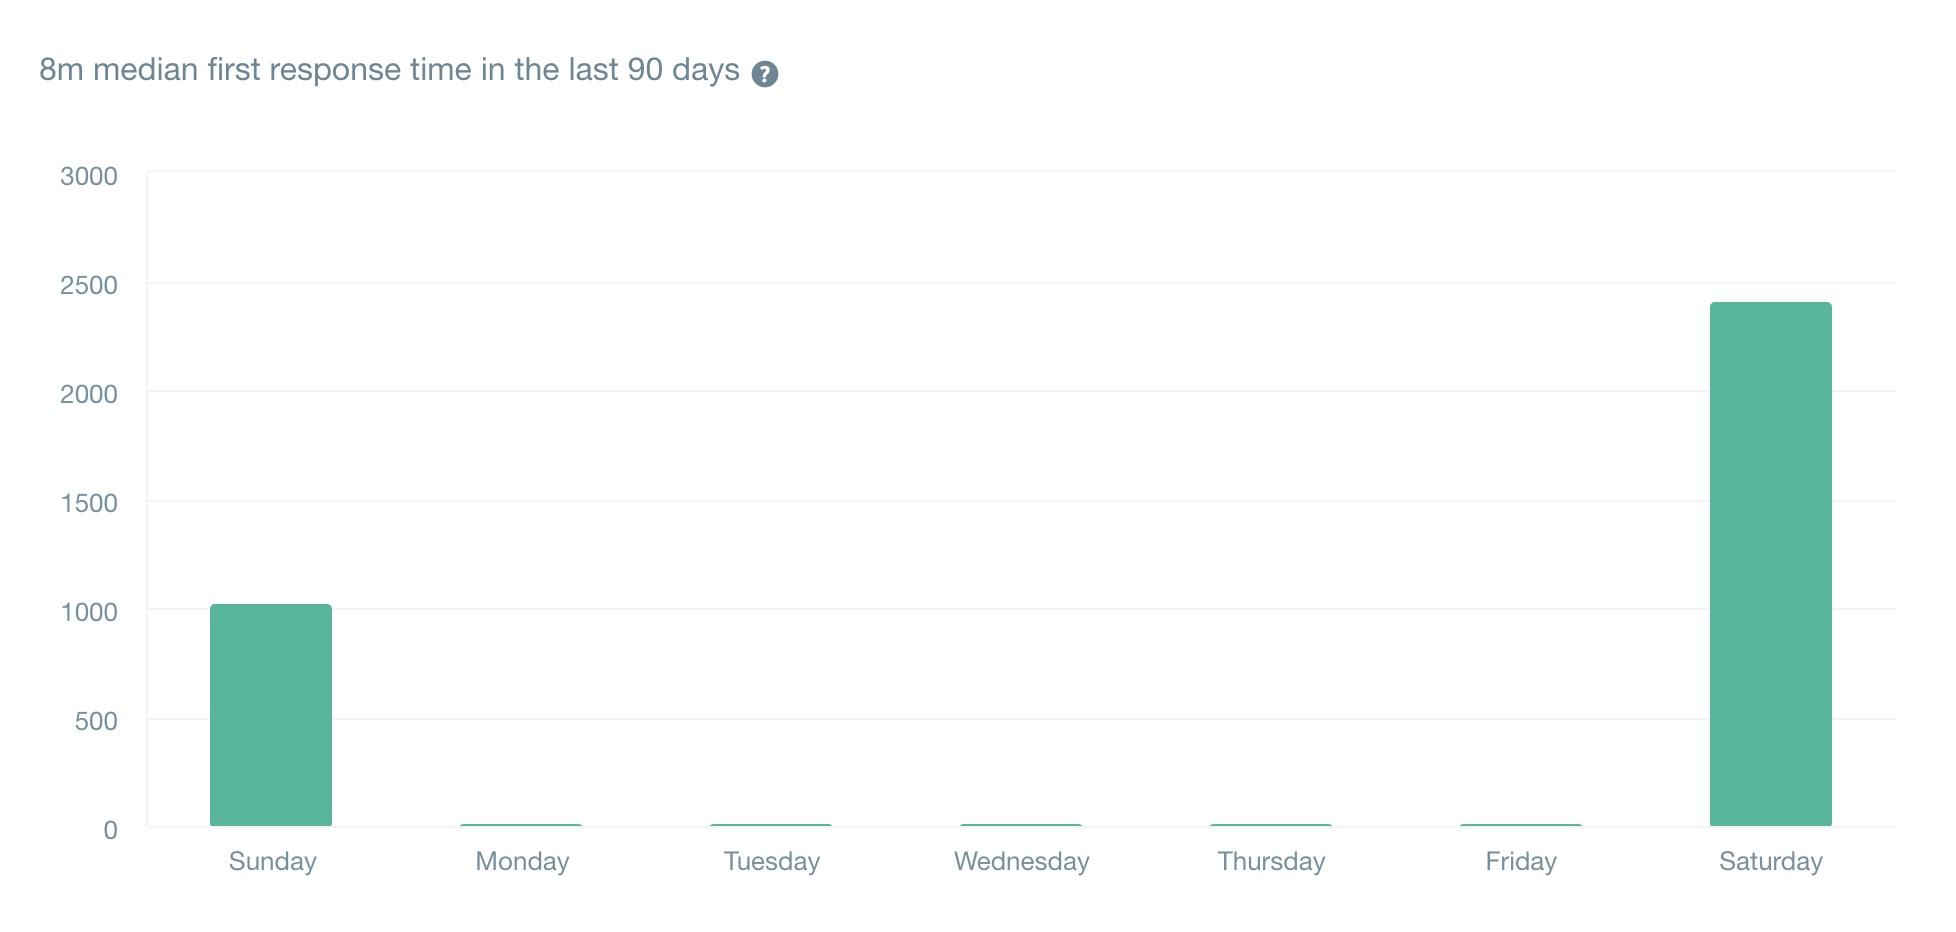 直近90日の初回回答時間の中央値は「8分」